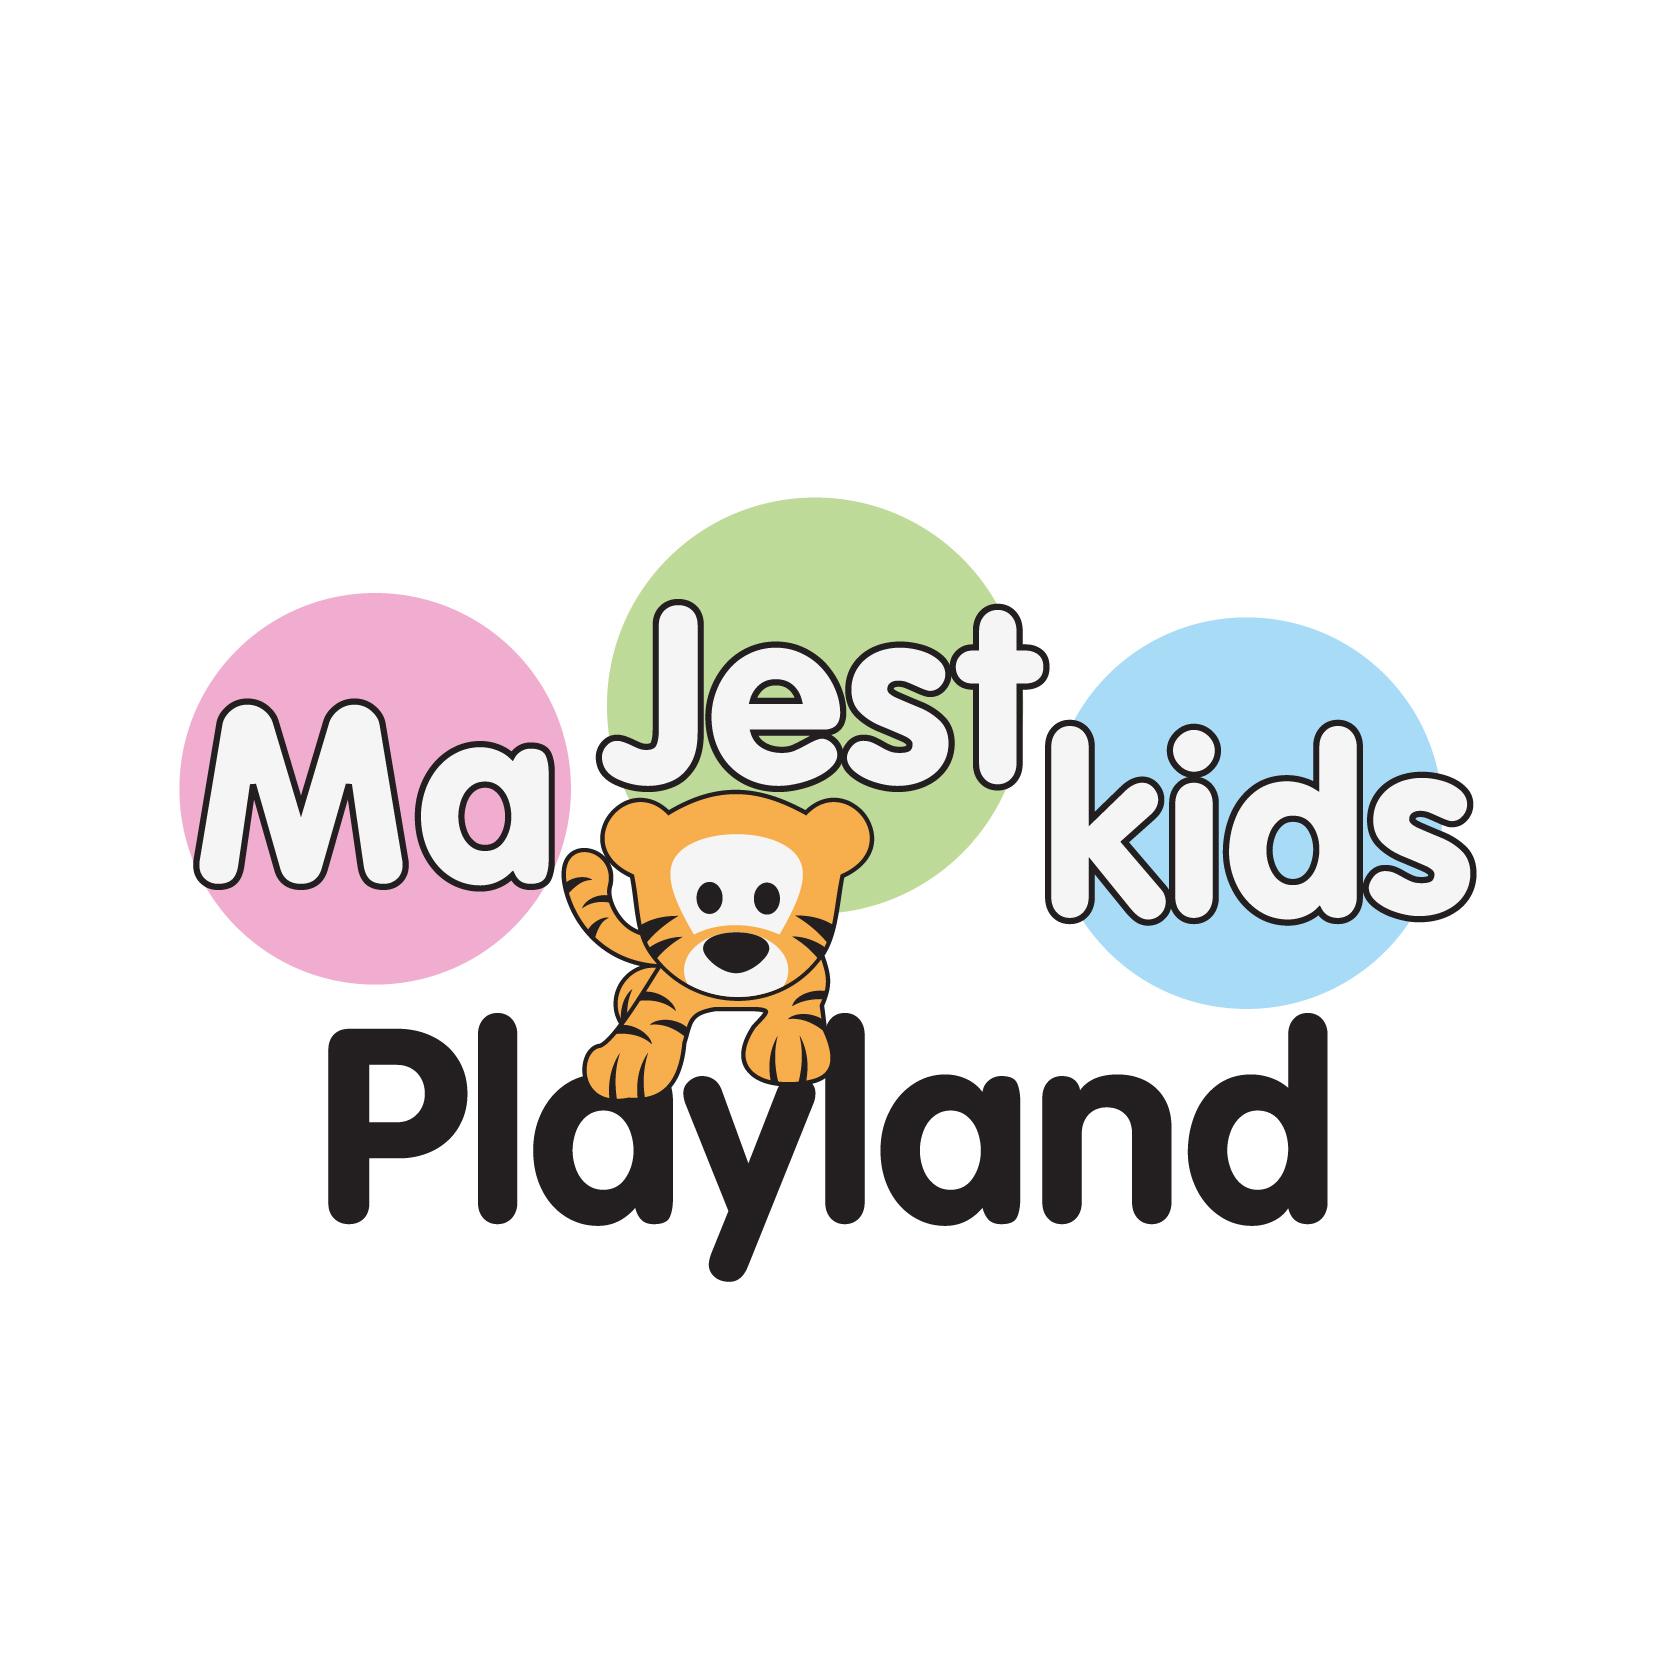 MajestKids.Logo